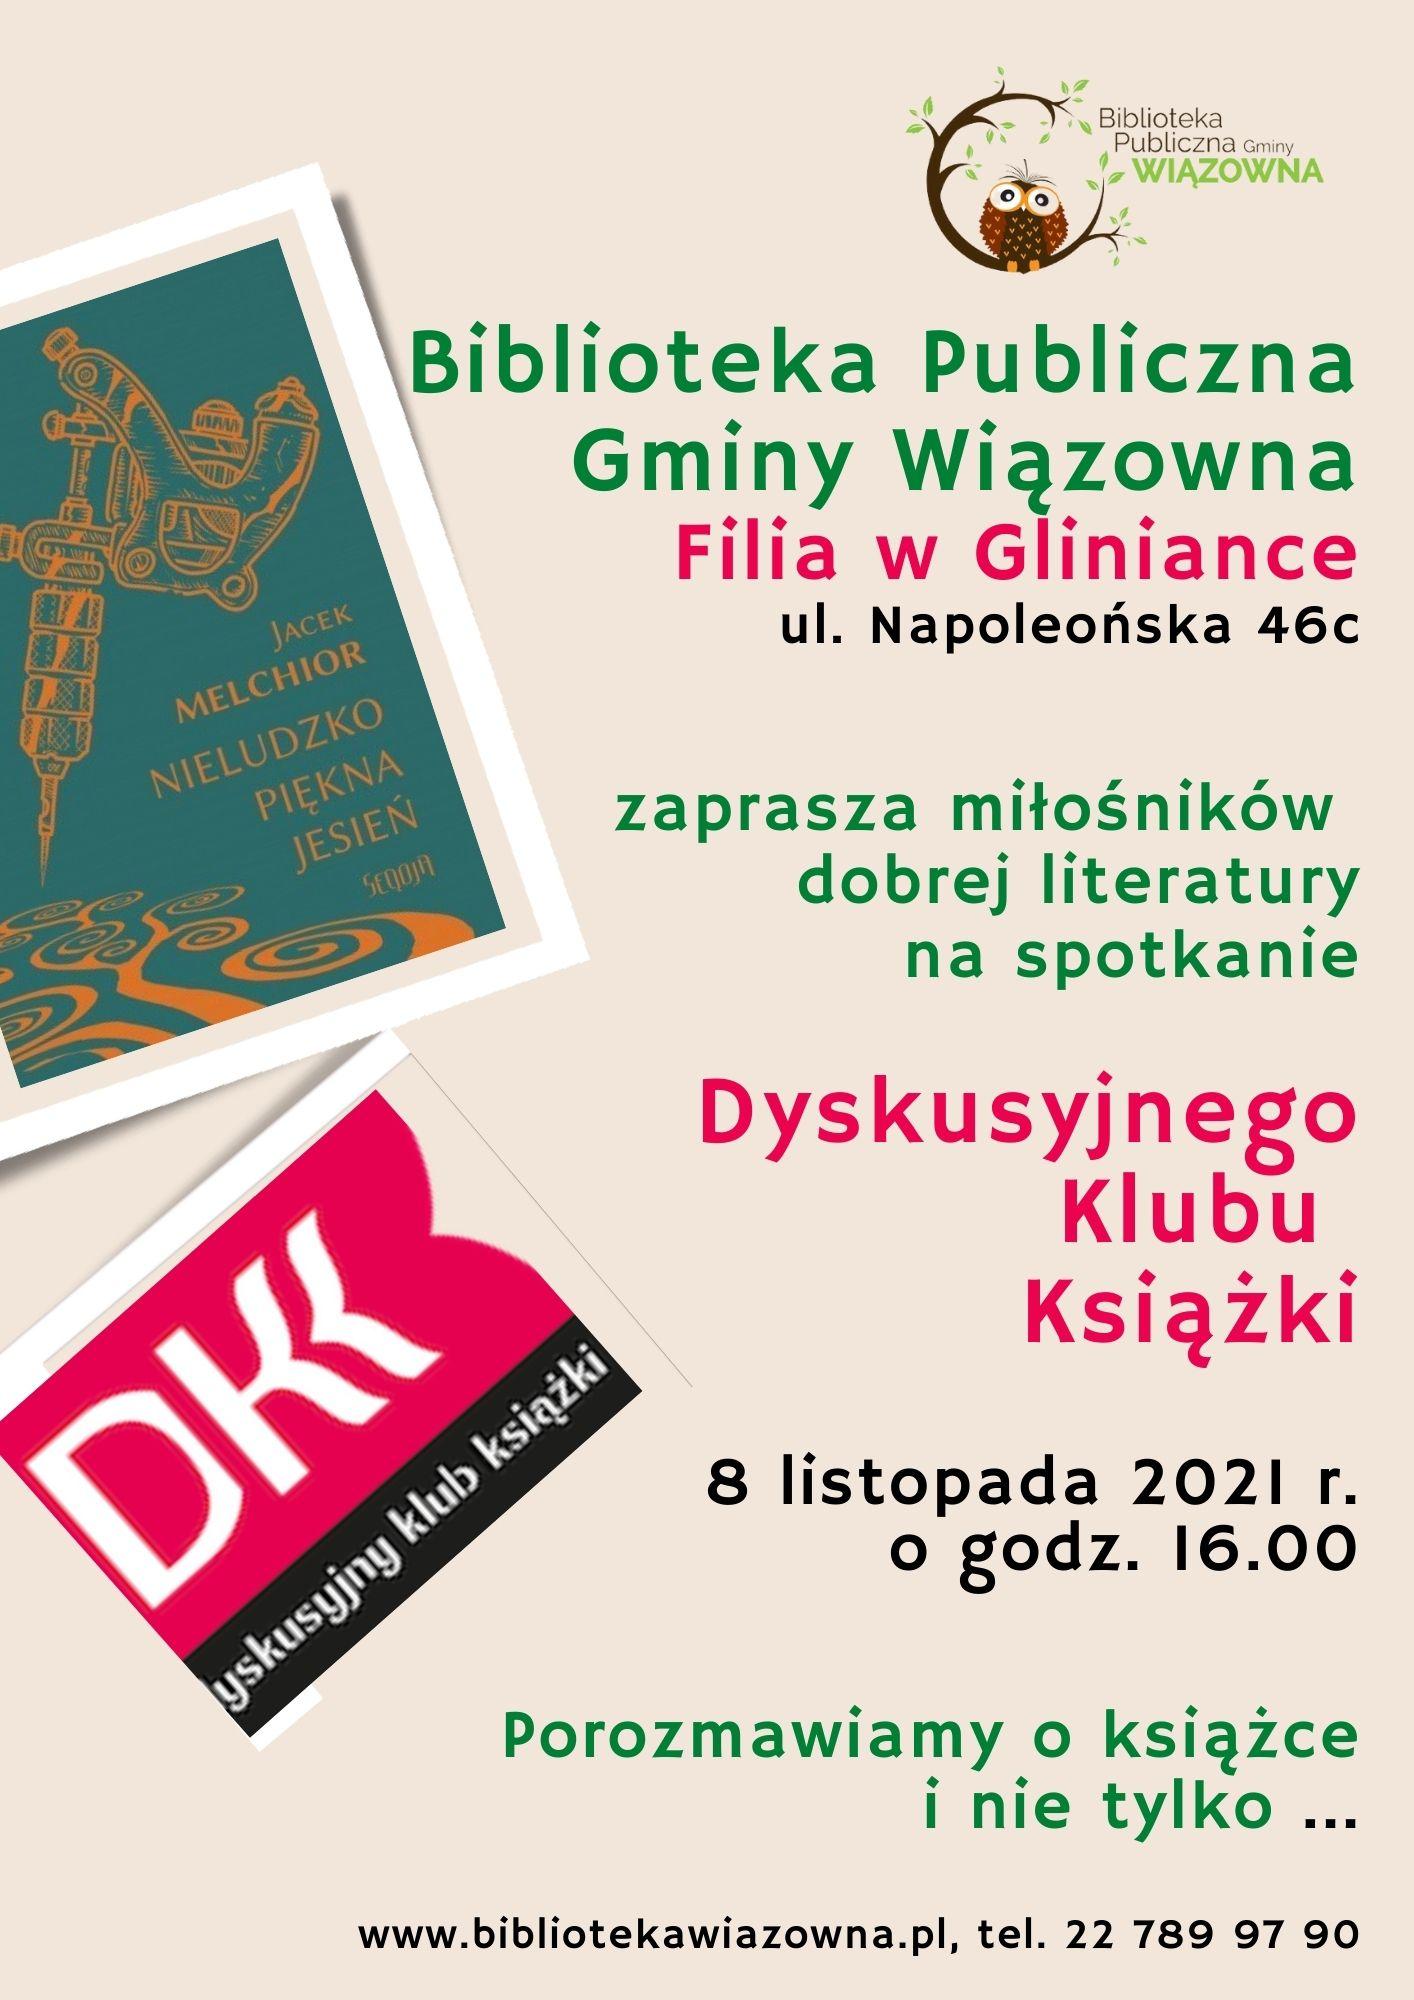 Dyskusyjny Klub Książki rusza. Pierwsze spotkanie odbędzie się 8 listopada w bibliotece w Gliniance.